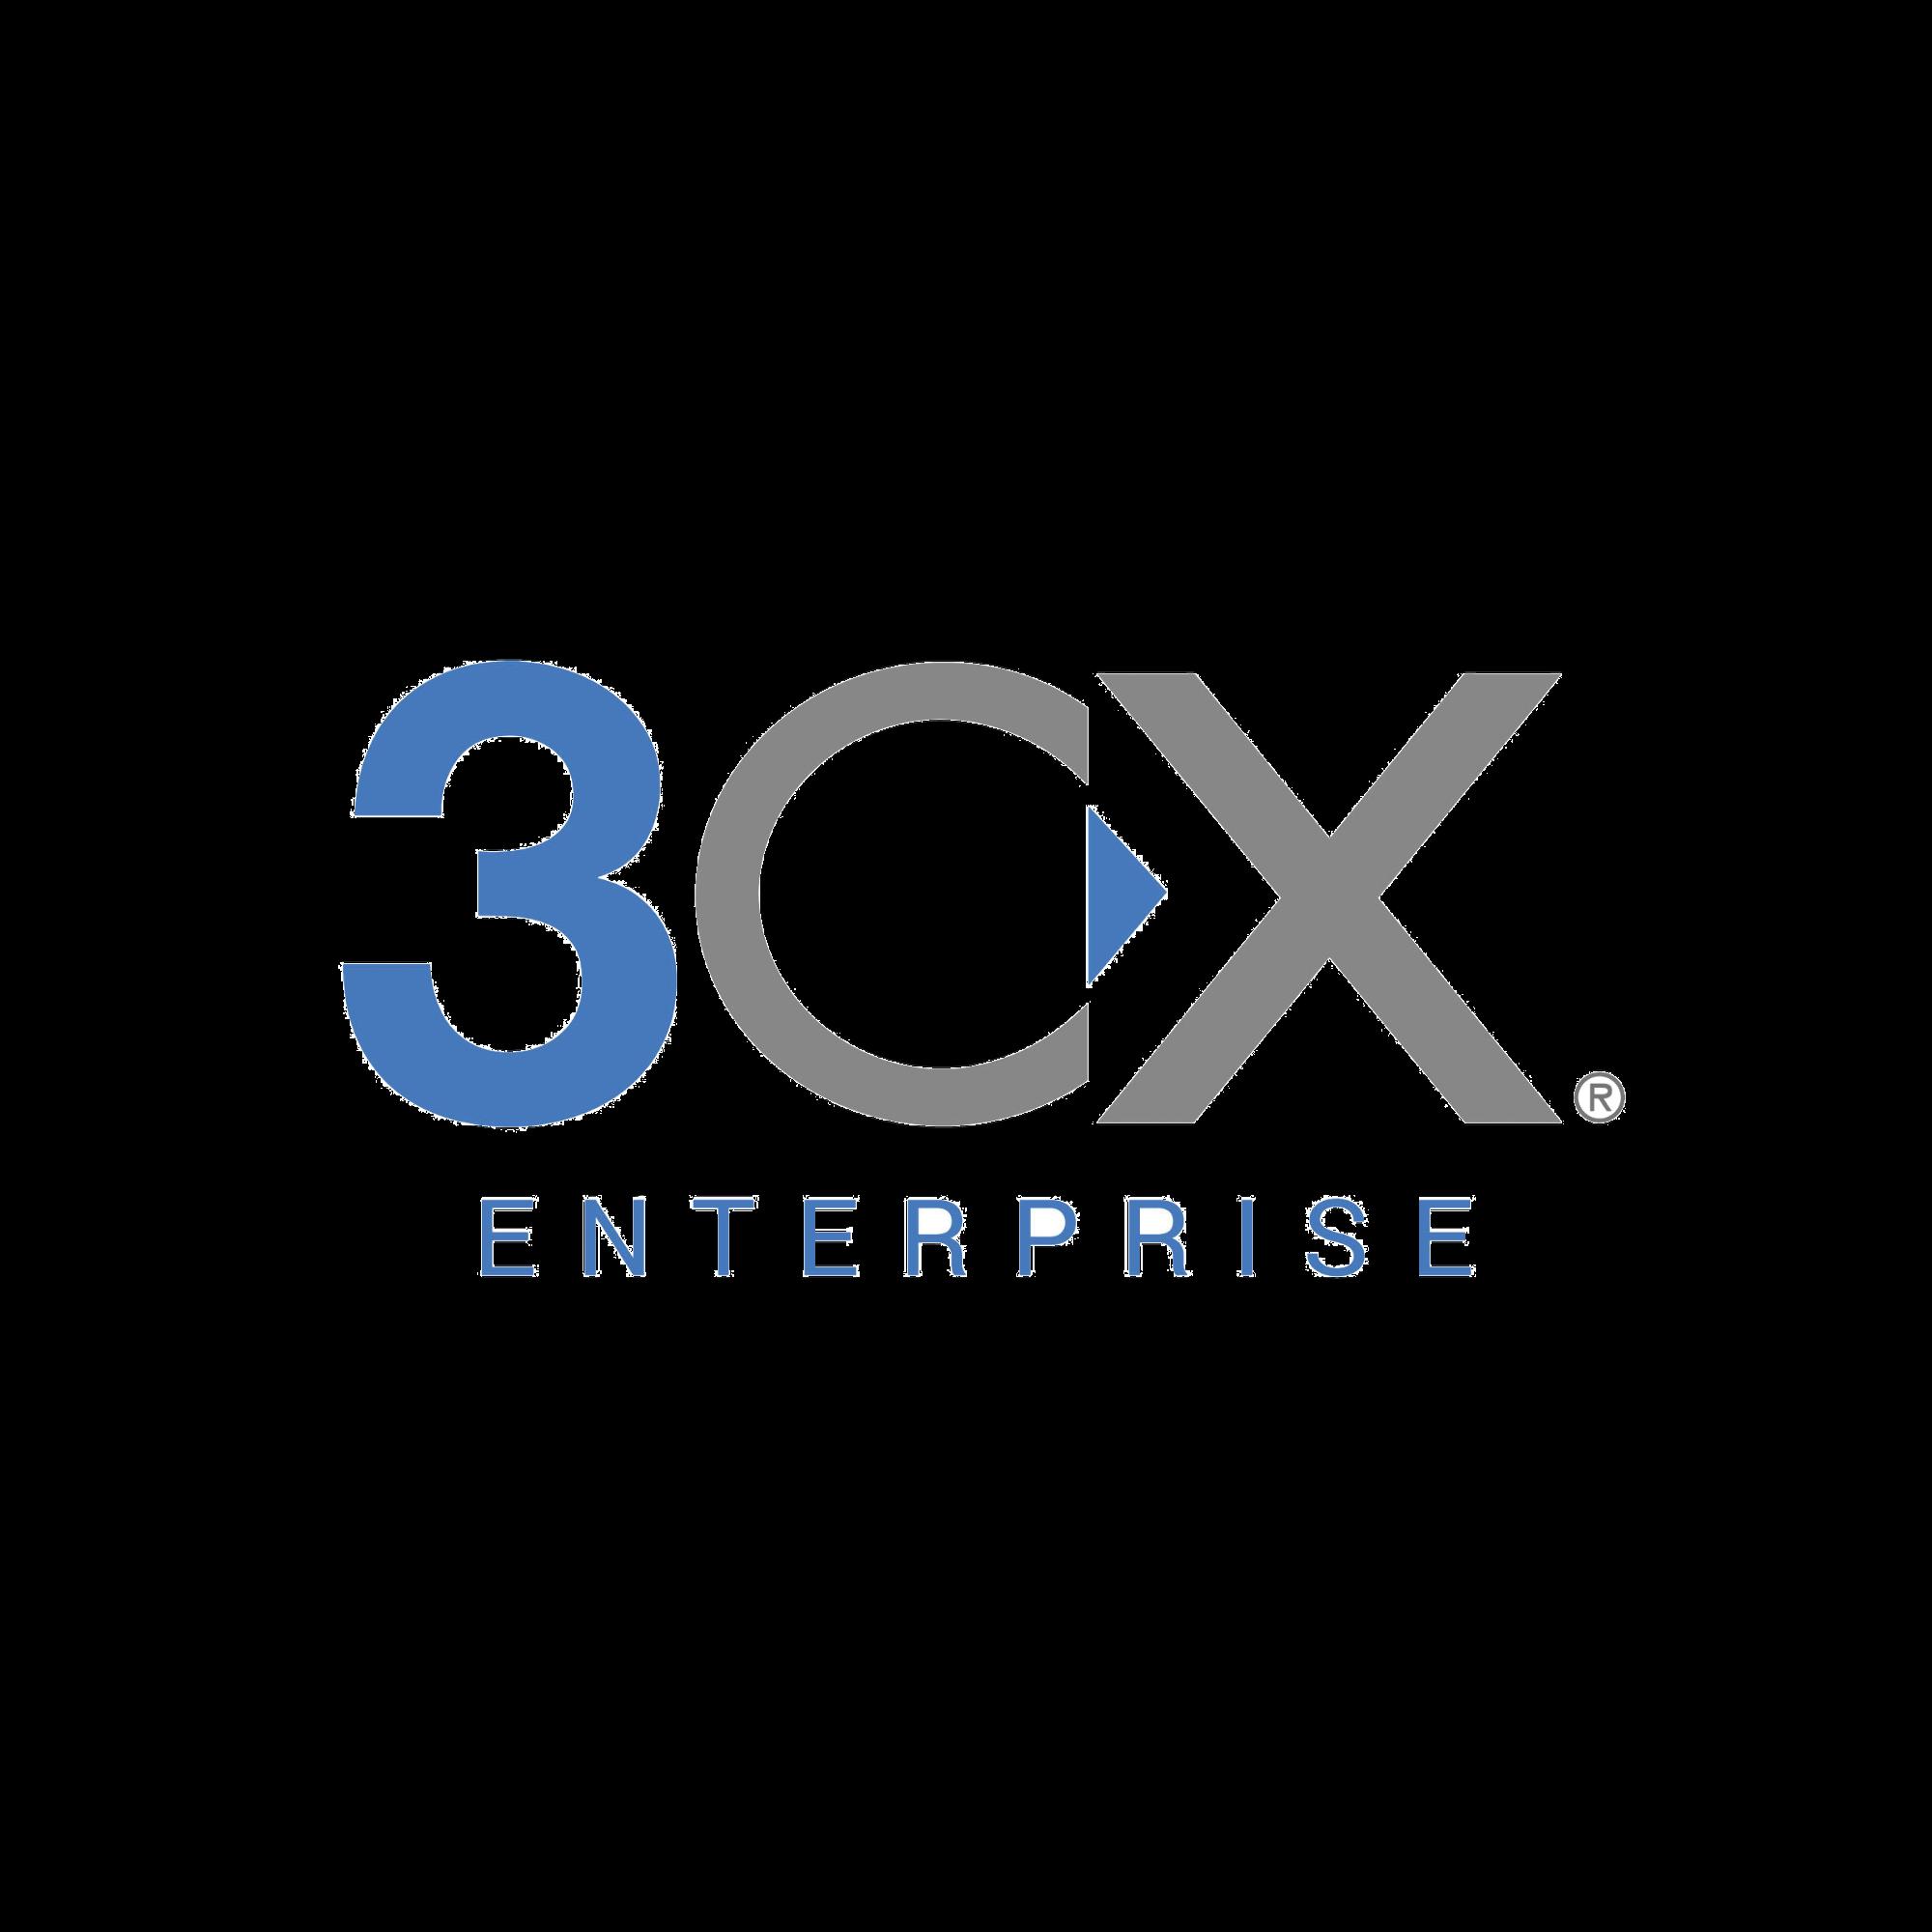 Licencia anual de 3CX Enterprise para 4 llamadas simultáneas y extensiones ilimitadas